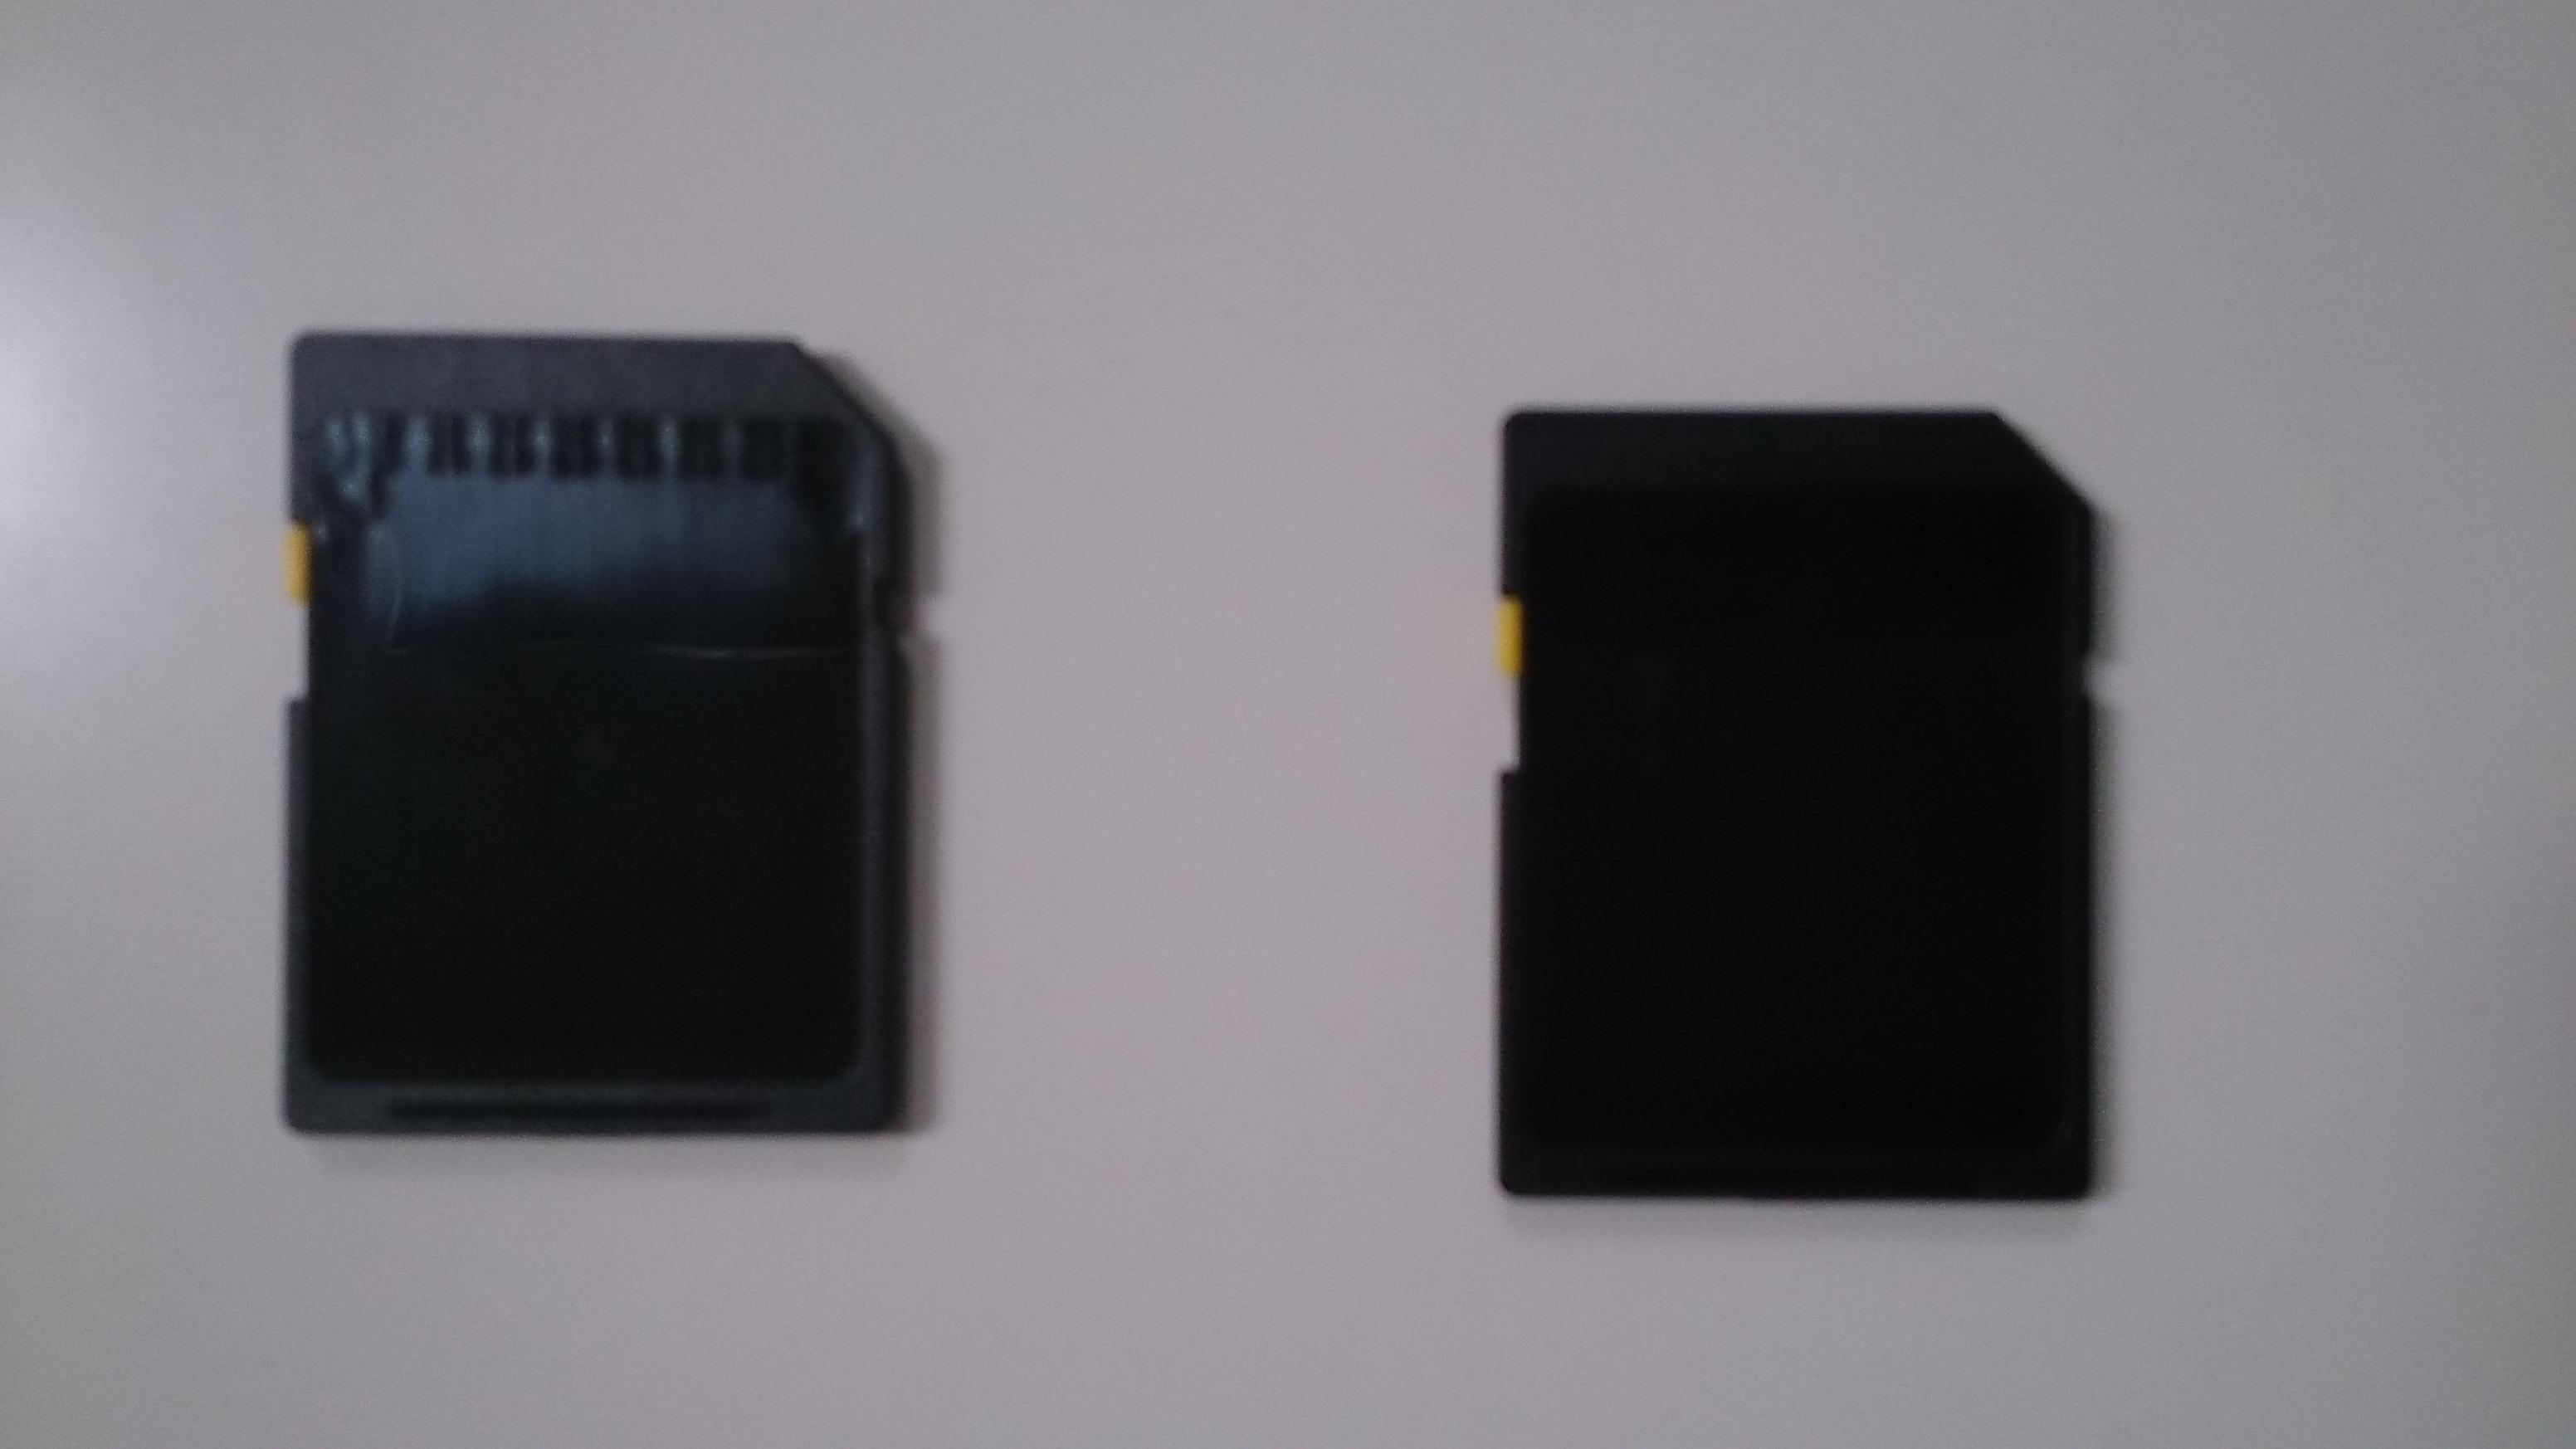 ドライブレコーダーなどに適したSDカード、それが産業用SDカード(1/2) その実体を紹介する